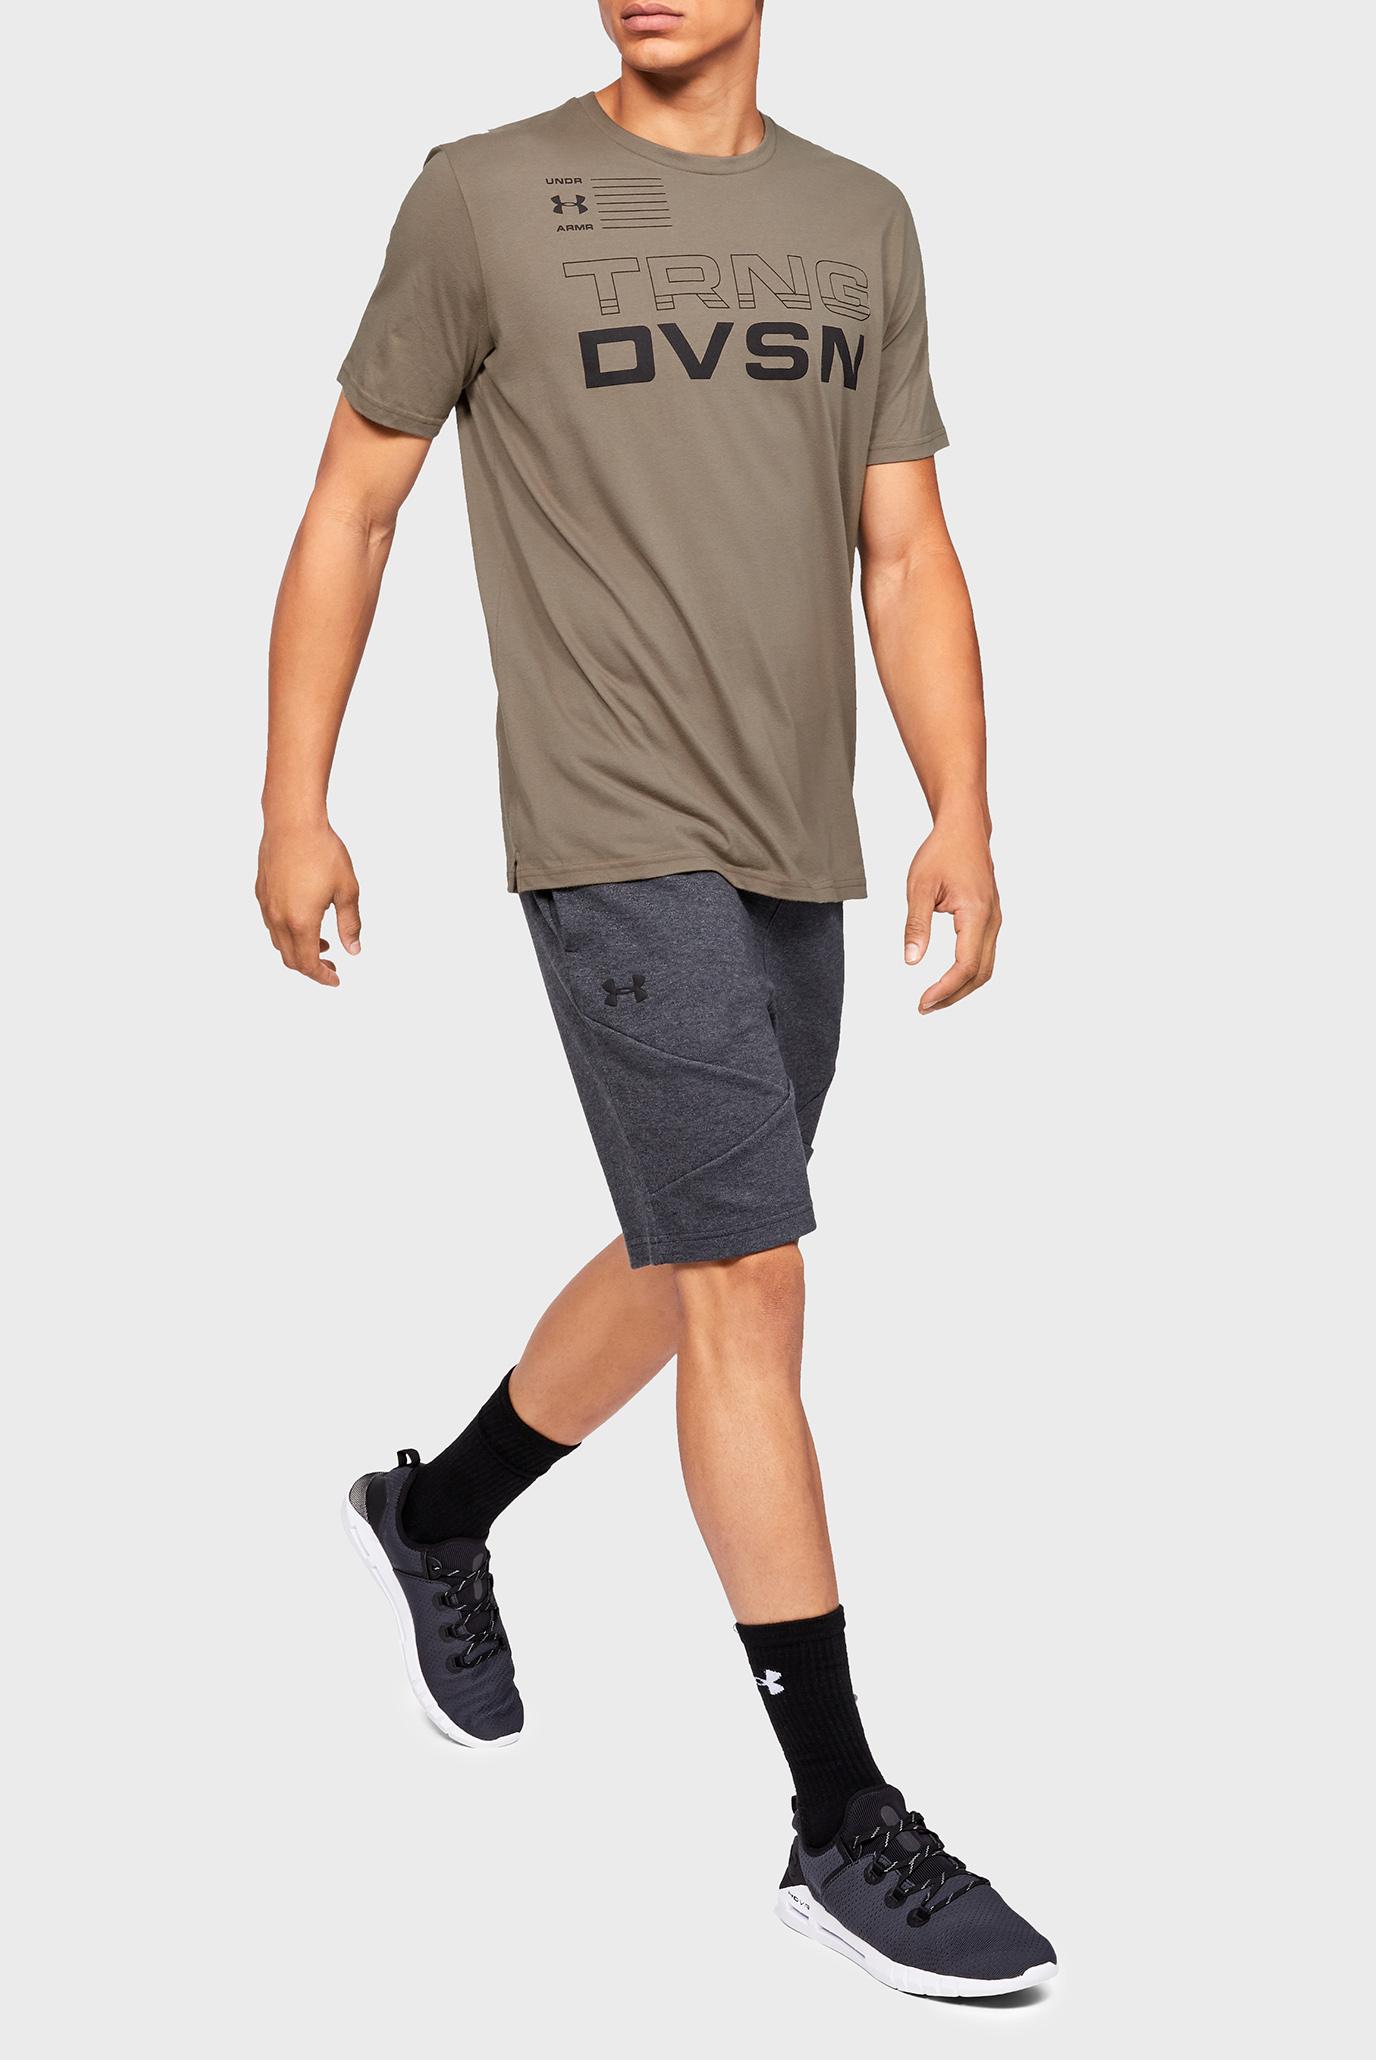 Мужская коричневая футболка UA TRNG DVSN SS Under Armour